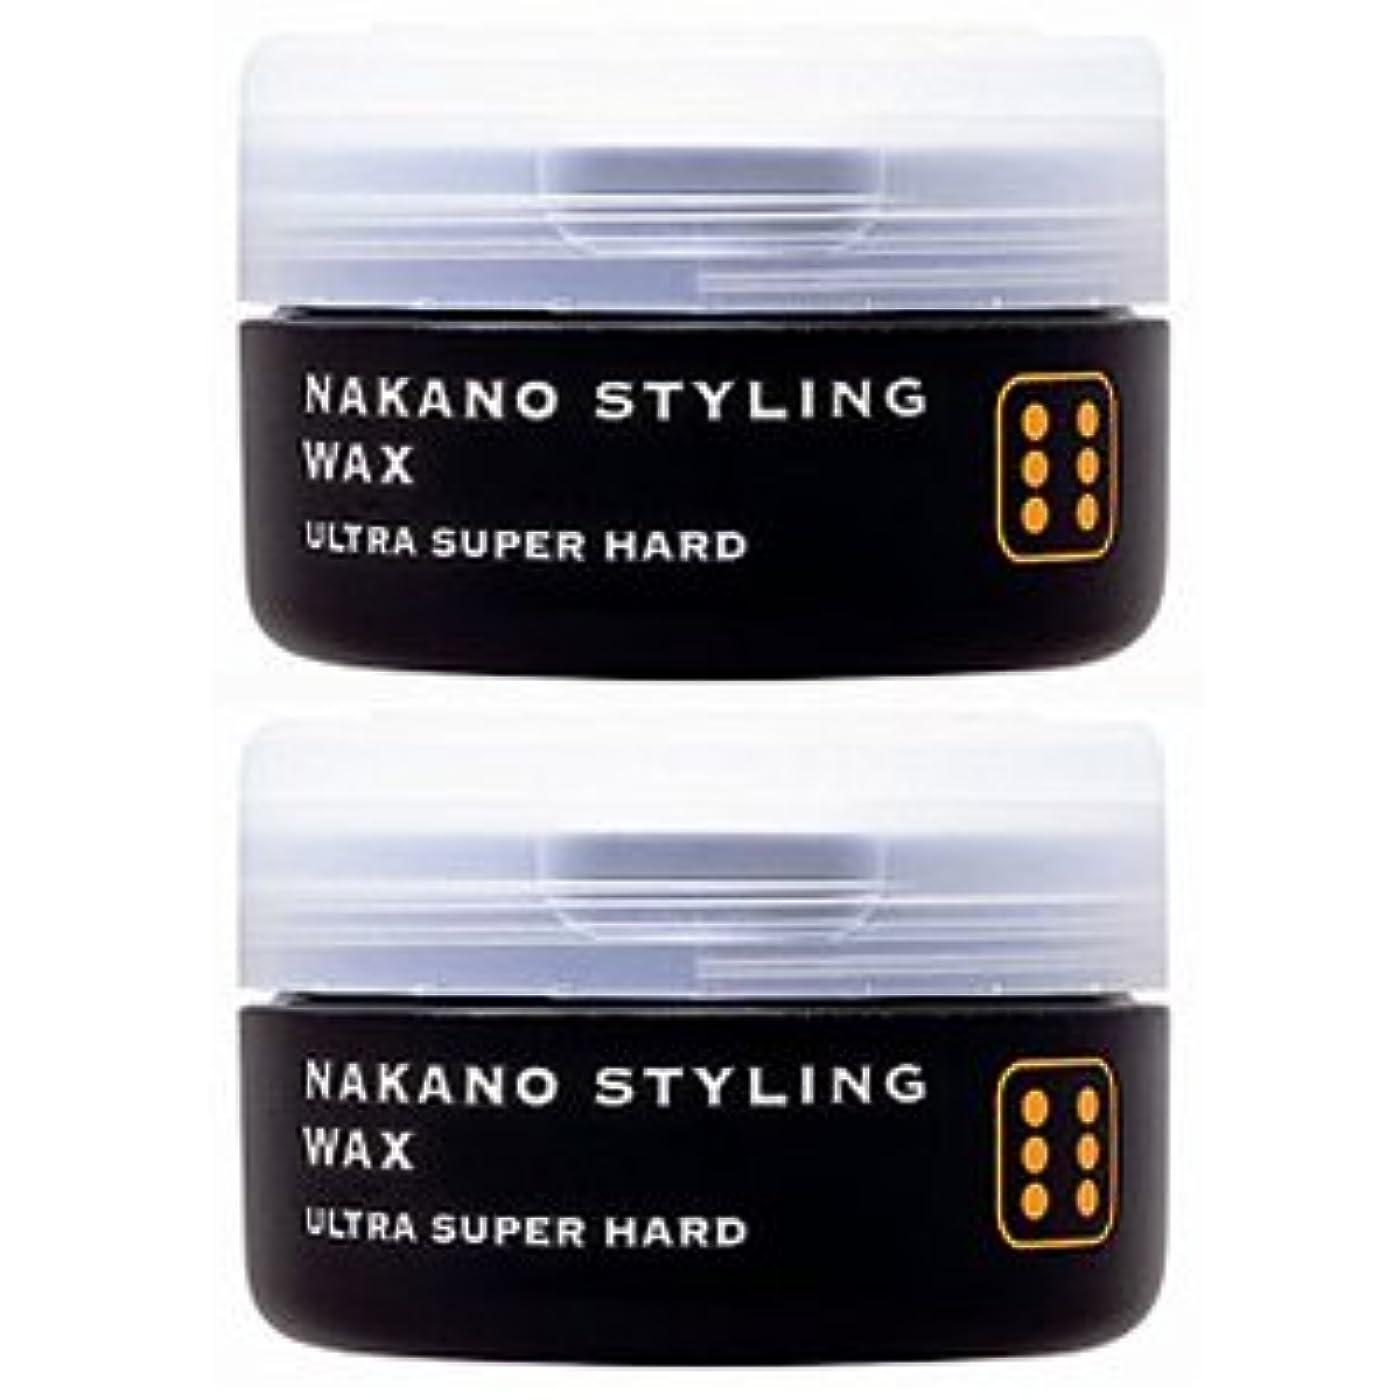 境界びっくりおもてなしナカノ スタイリングワックス 6 ウルトラスーパーハード 90g 『2個セット』